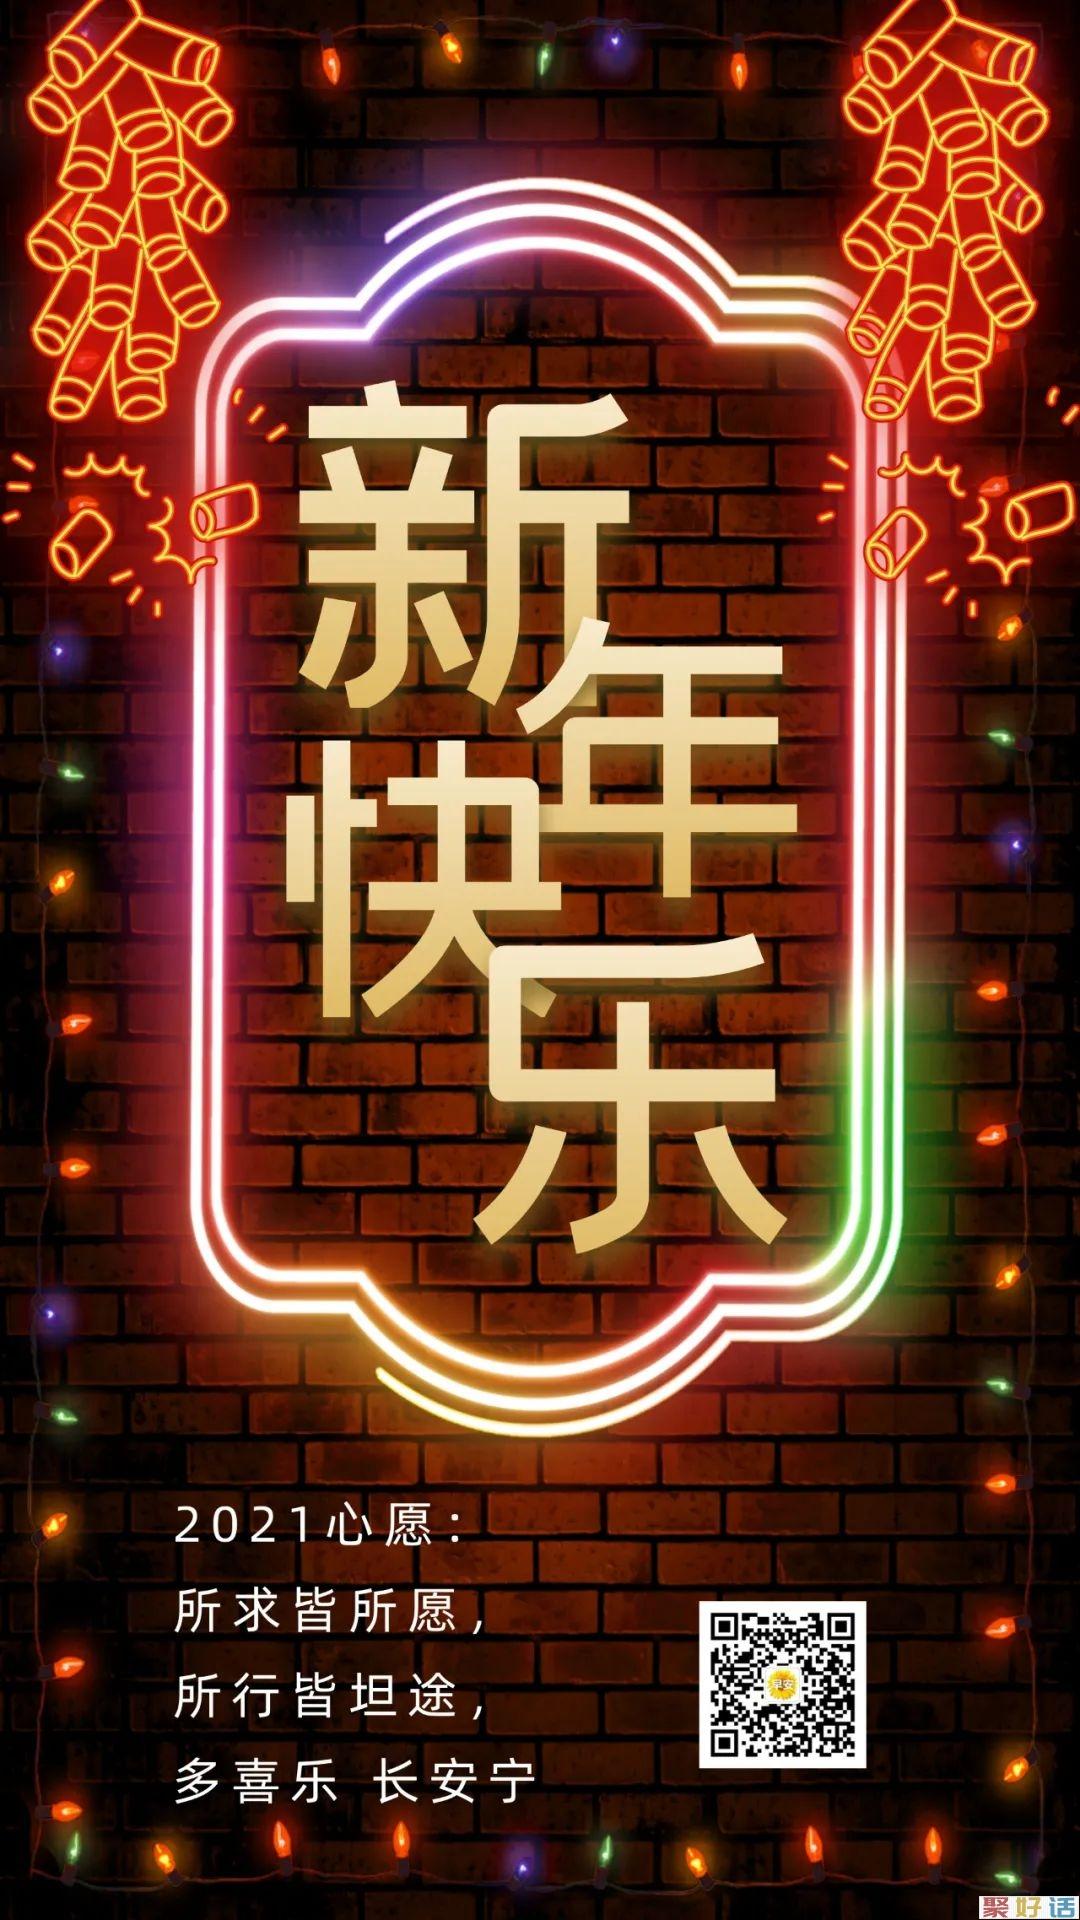 春节除夕神仙走心文案来袭!插图4